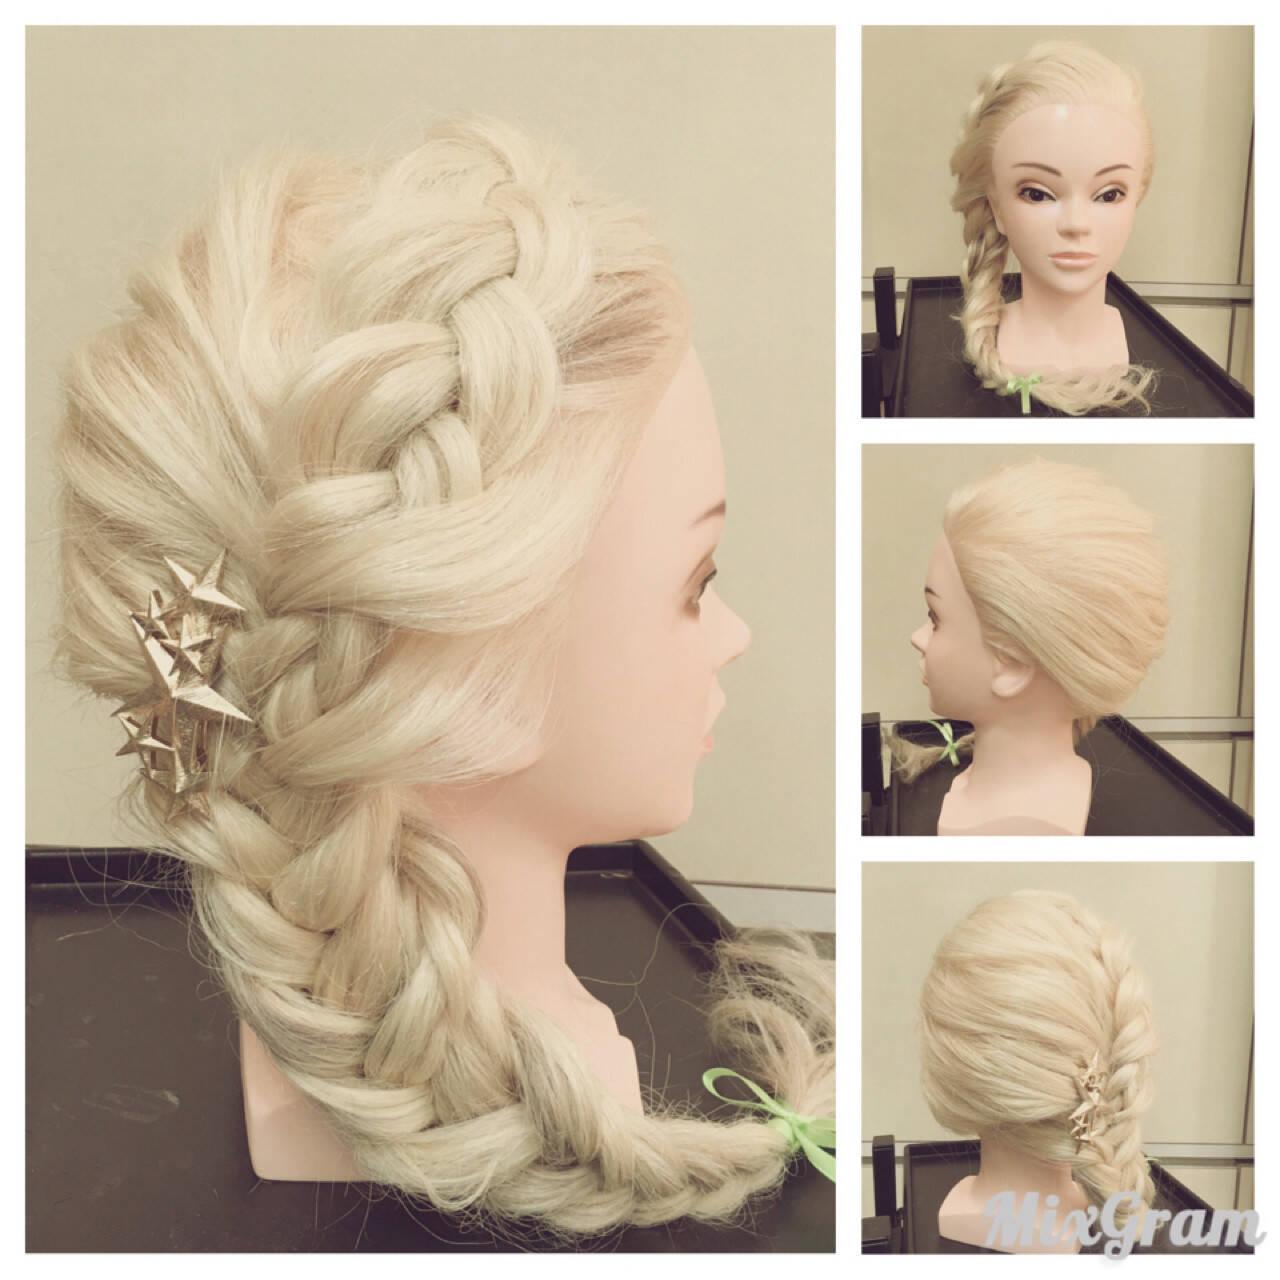 フィッシュボーン ガーリー ヘアアレンジ 大人女子ヘアスタイルや髪型の写真・画像